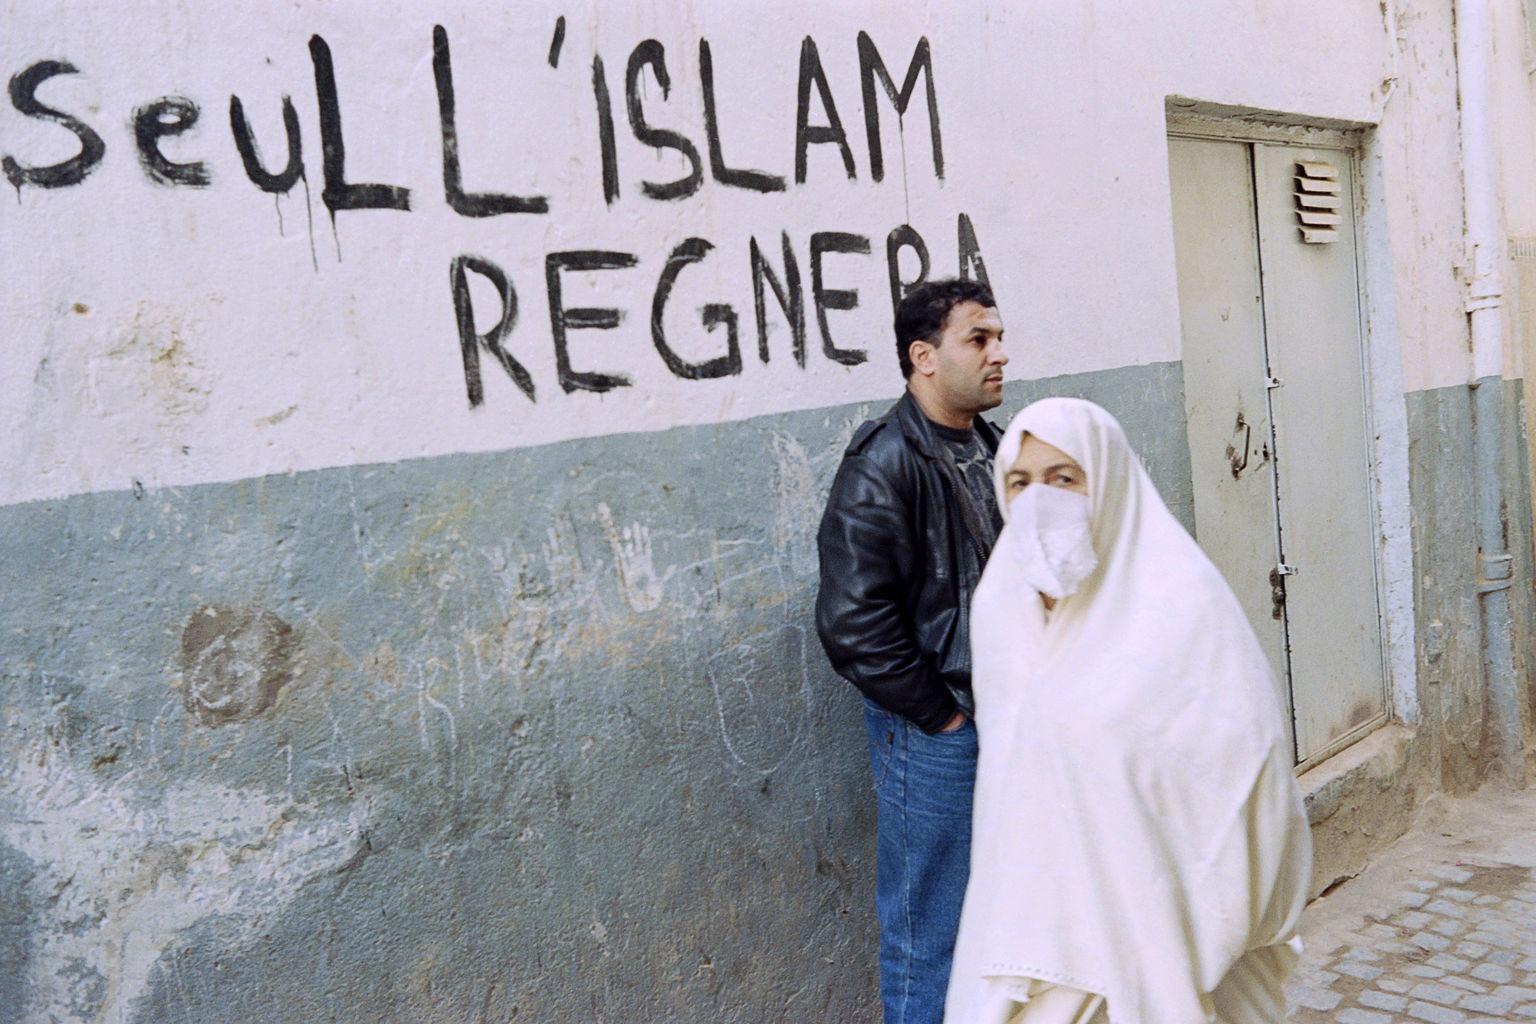 Cezayir'den yükselen bir ses: Yalnızca İslam hükmedecek!